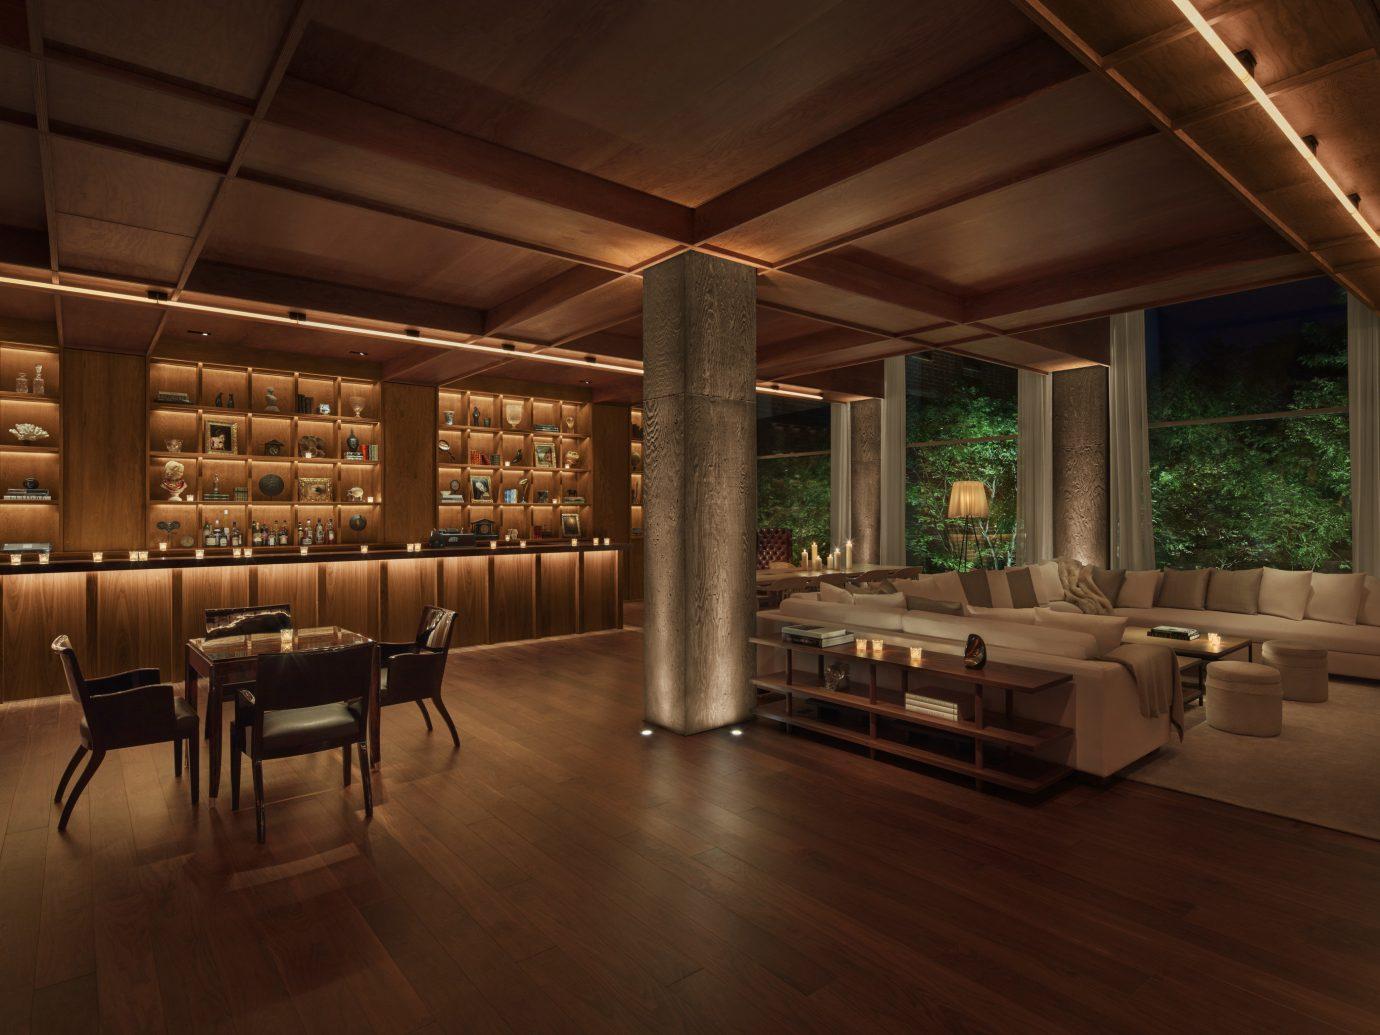 Hotels floor indoor ceiling room interior design Architecture Lobby wood flooring estate area furniture